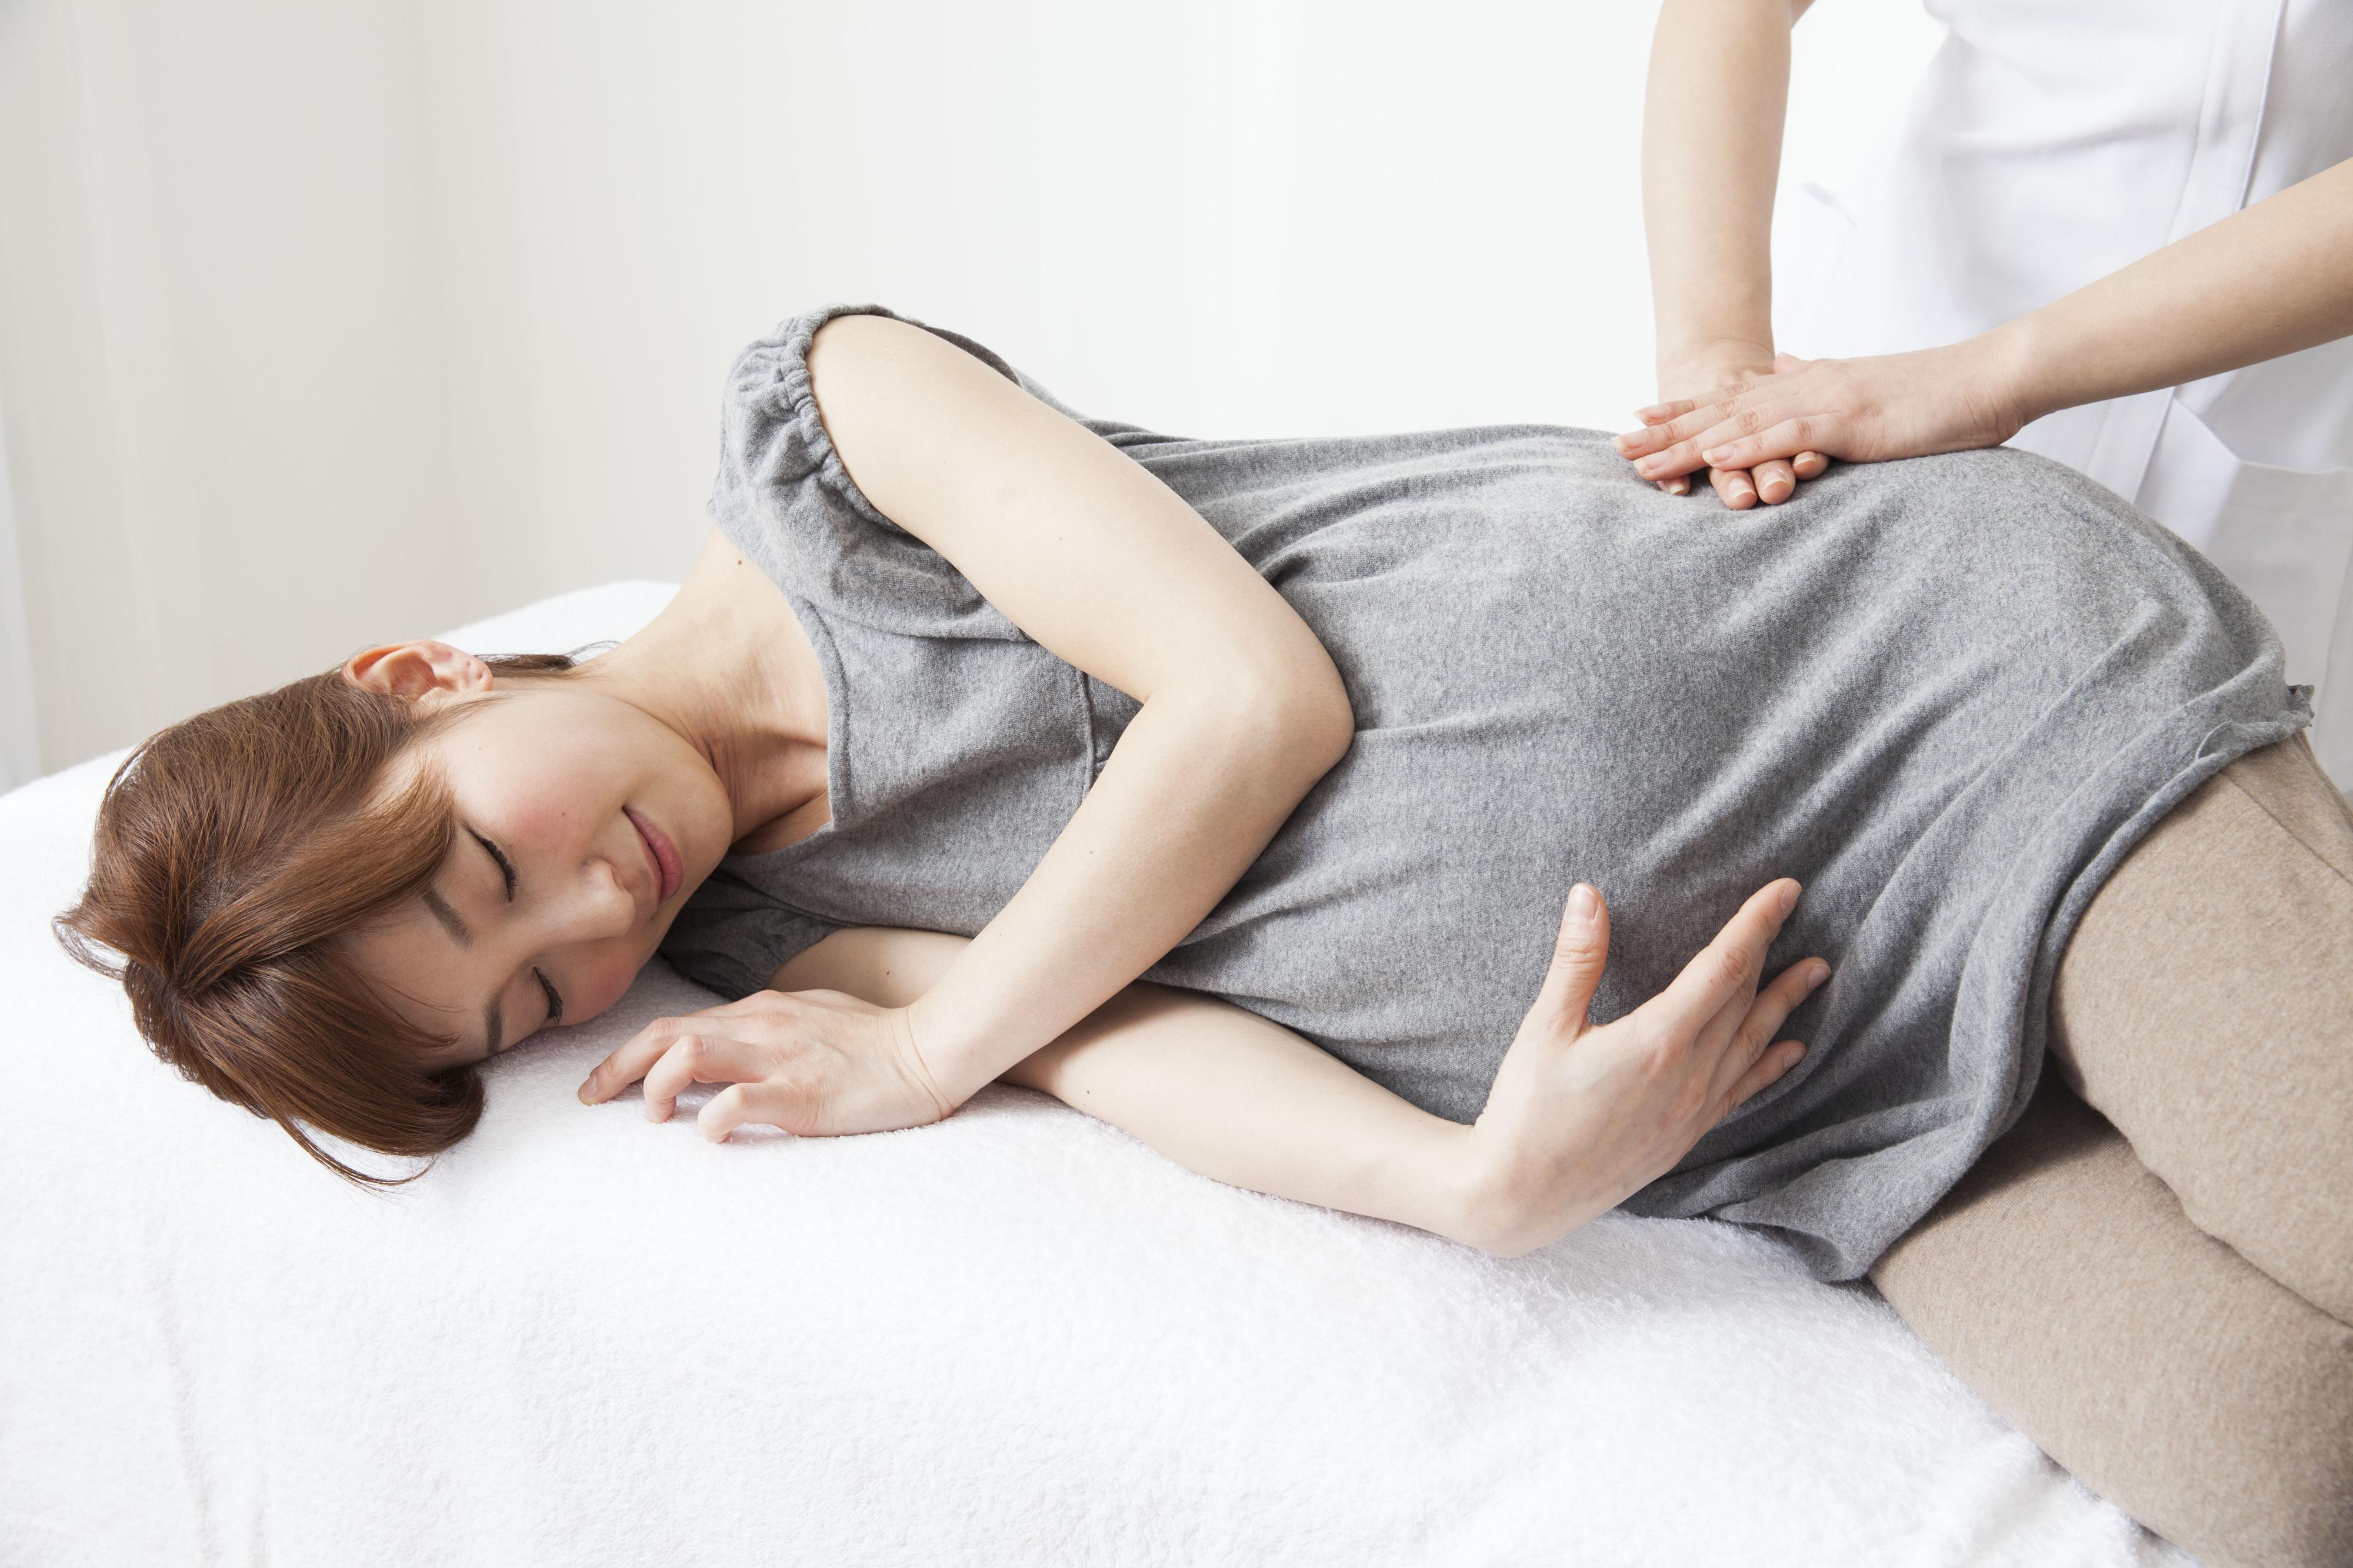 マタニティ・妊婦整体 妊婦さんの「骨盤のゆがみ」と「お産」の関係 神戸垂水整体院